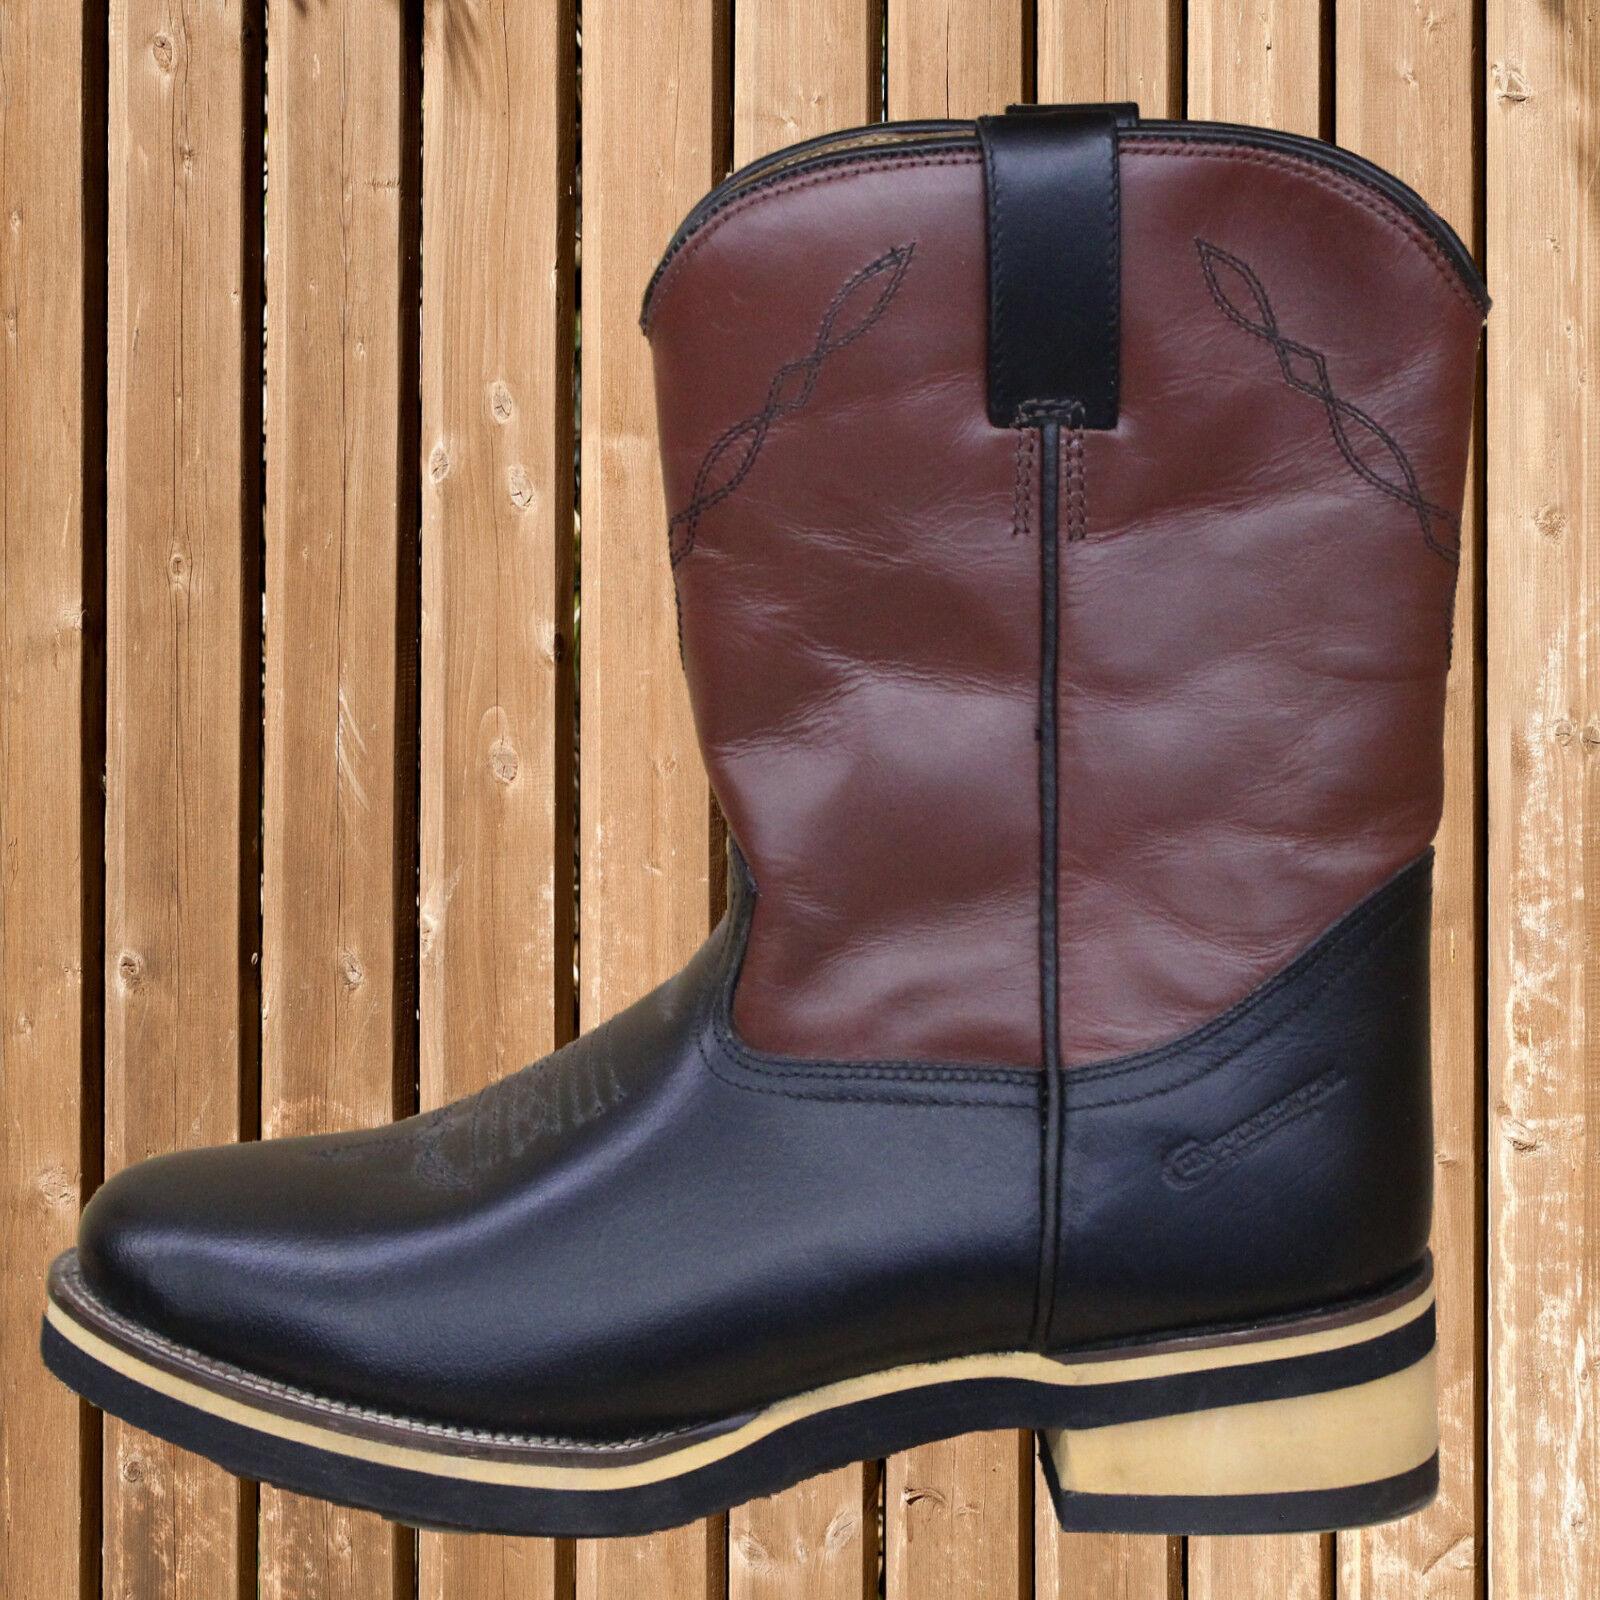 Continental Western Stiefel, Westernstiefel, Continental, Western, braun-schwarz